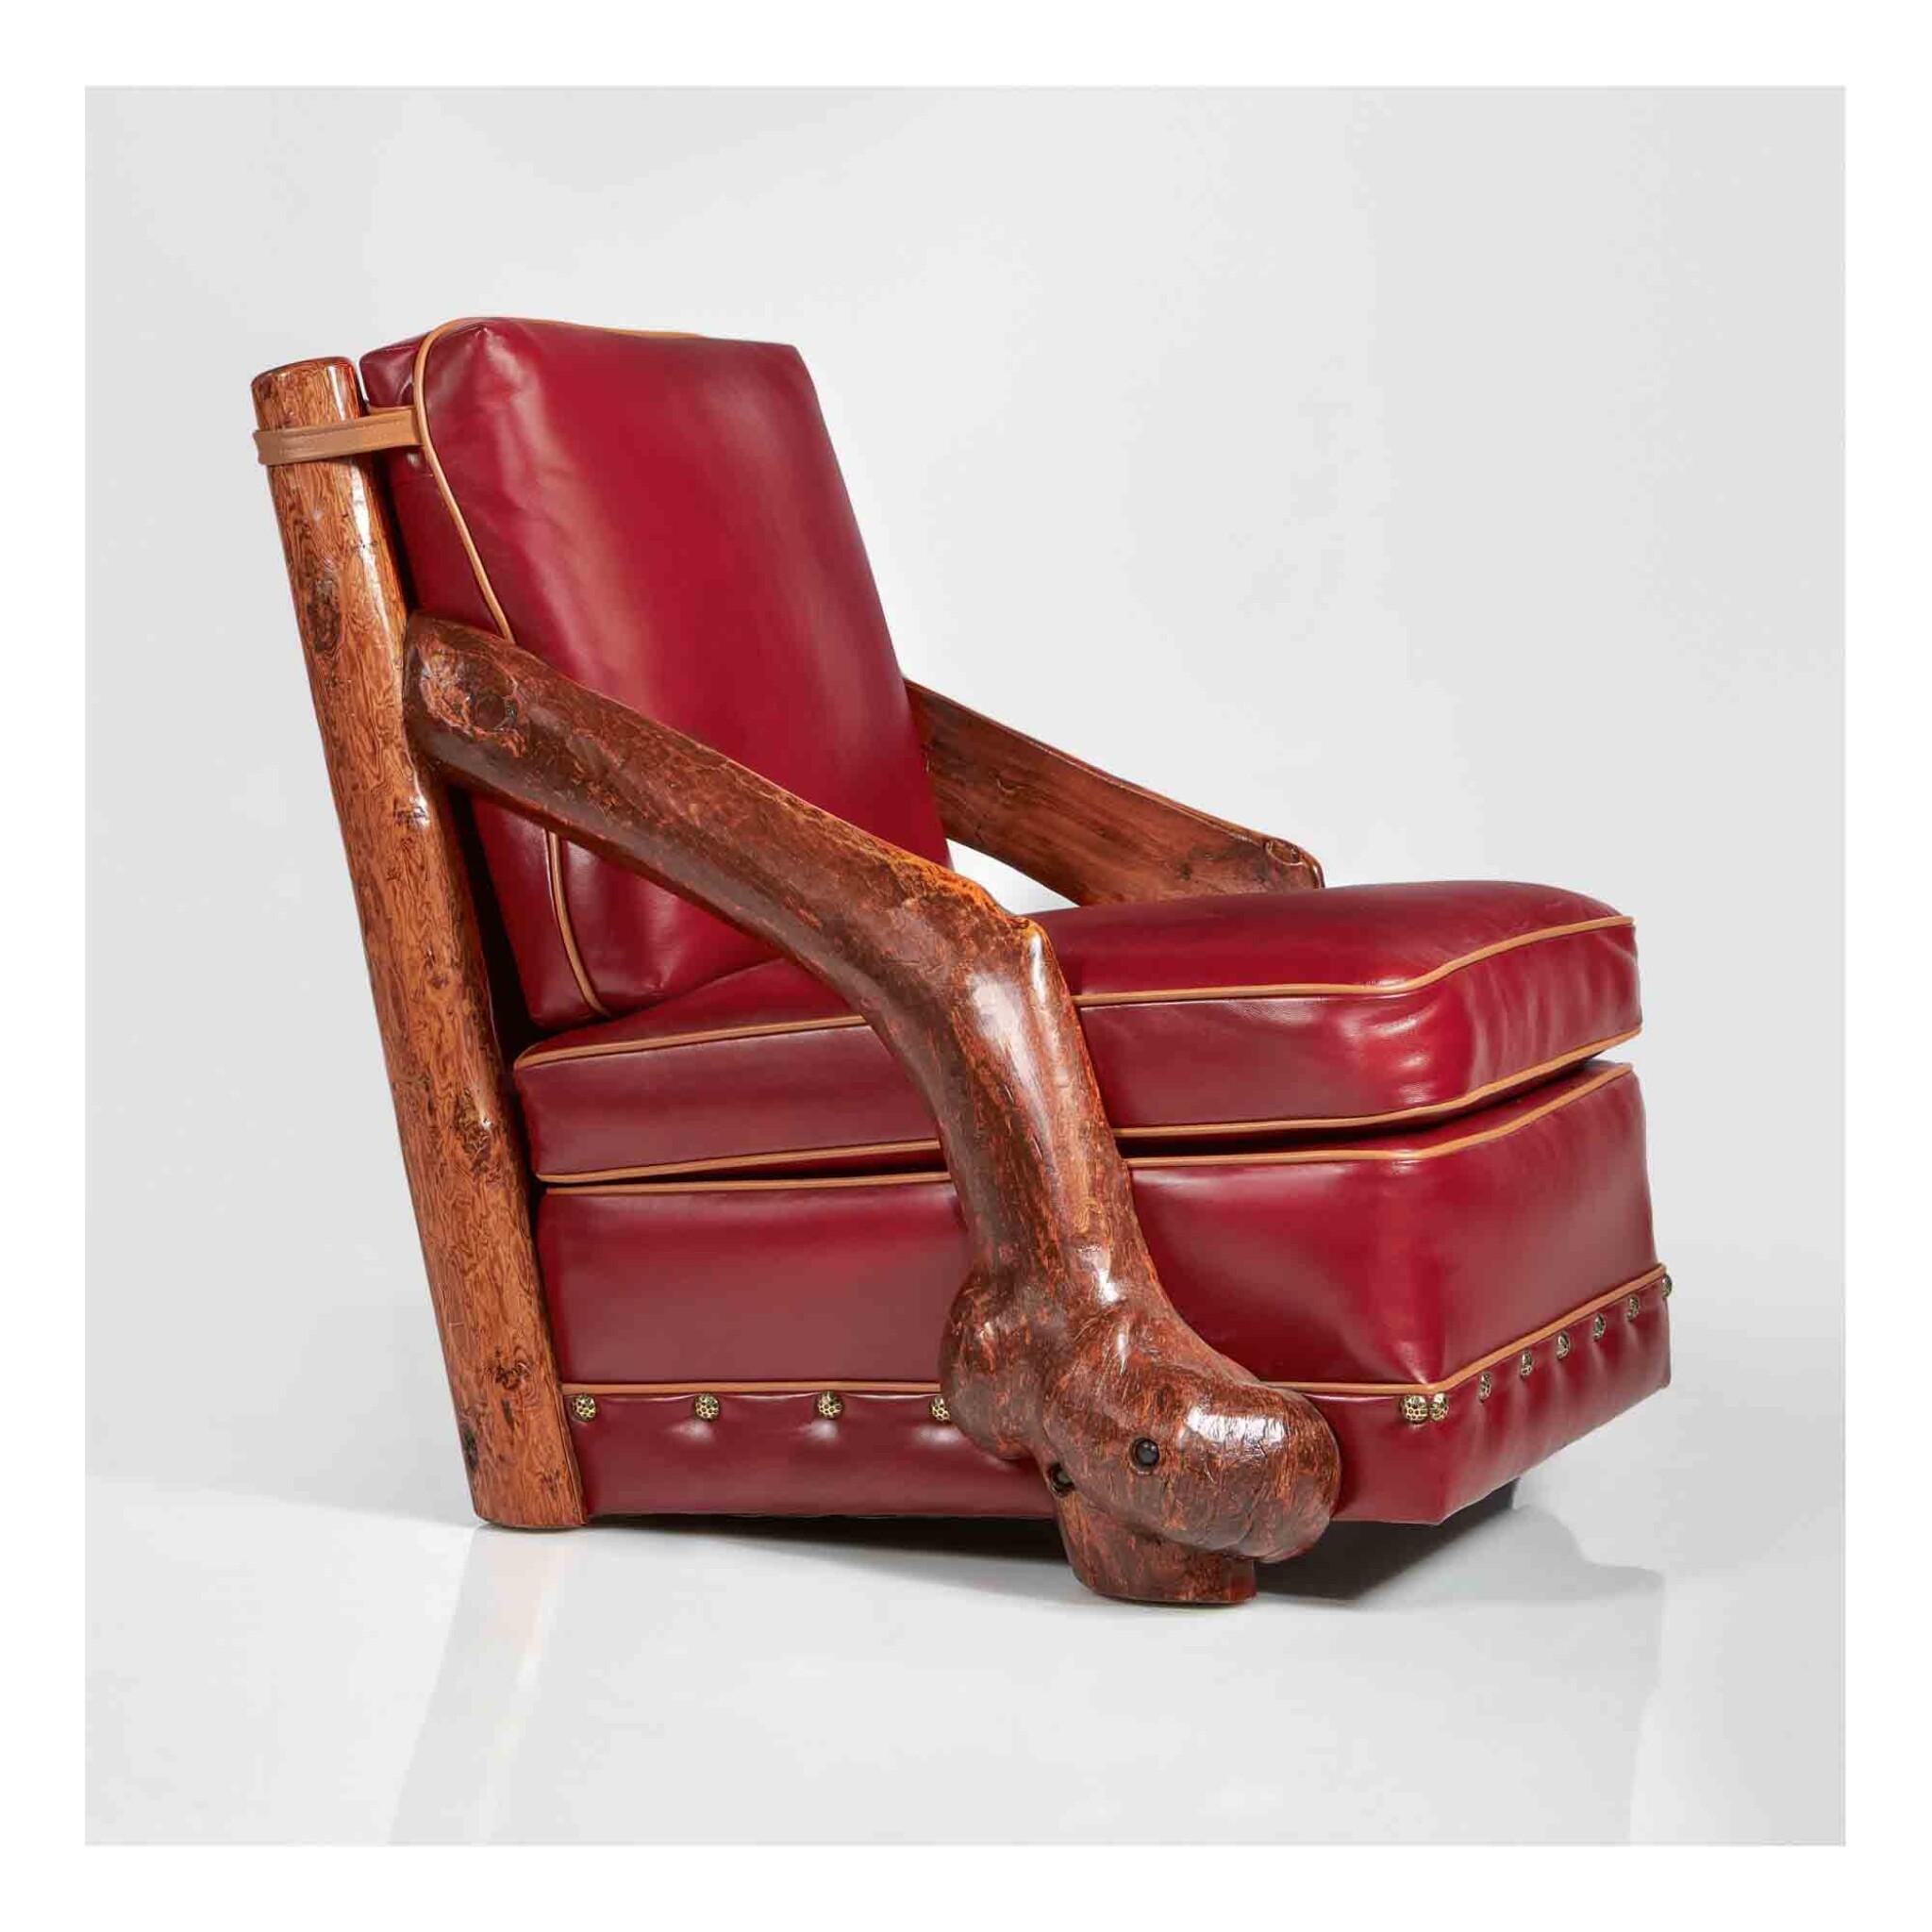 View 1 of Lot 308. A Unique Slant-Arm Club Chair.